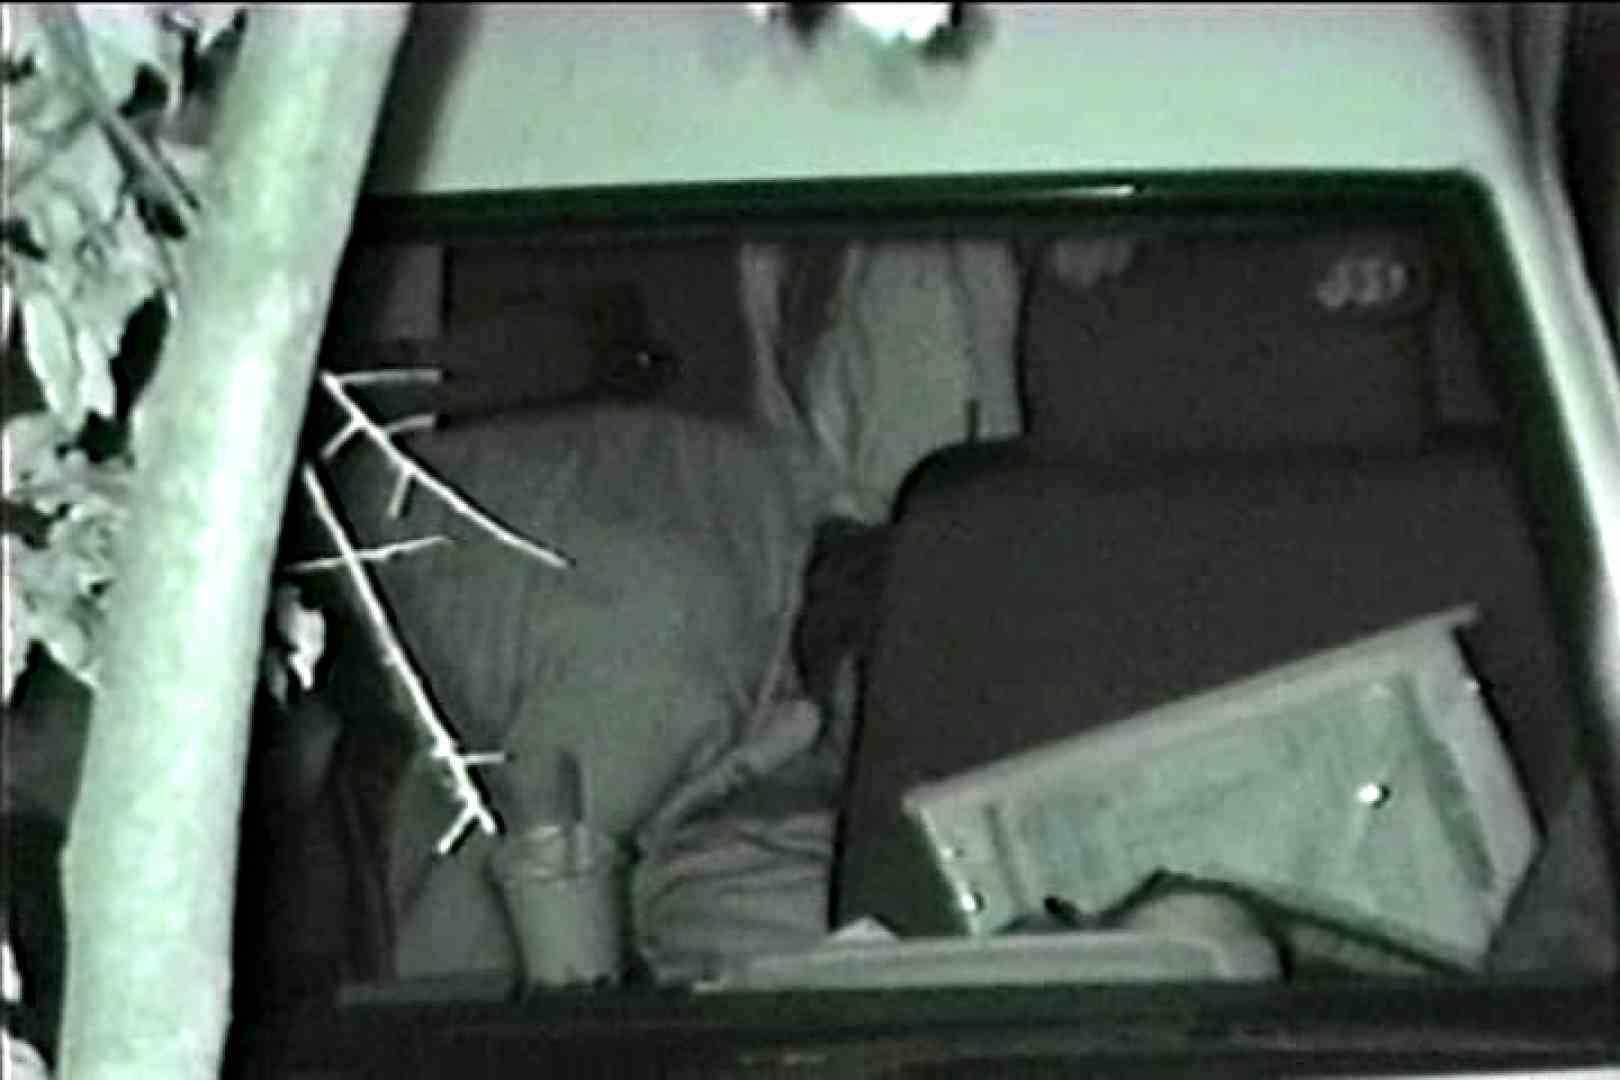 車の中はラブホテル 無修正版  Vol.7 車 セックス無修正動画無料 96連発 12